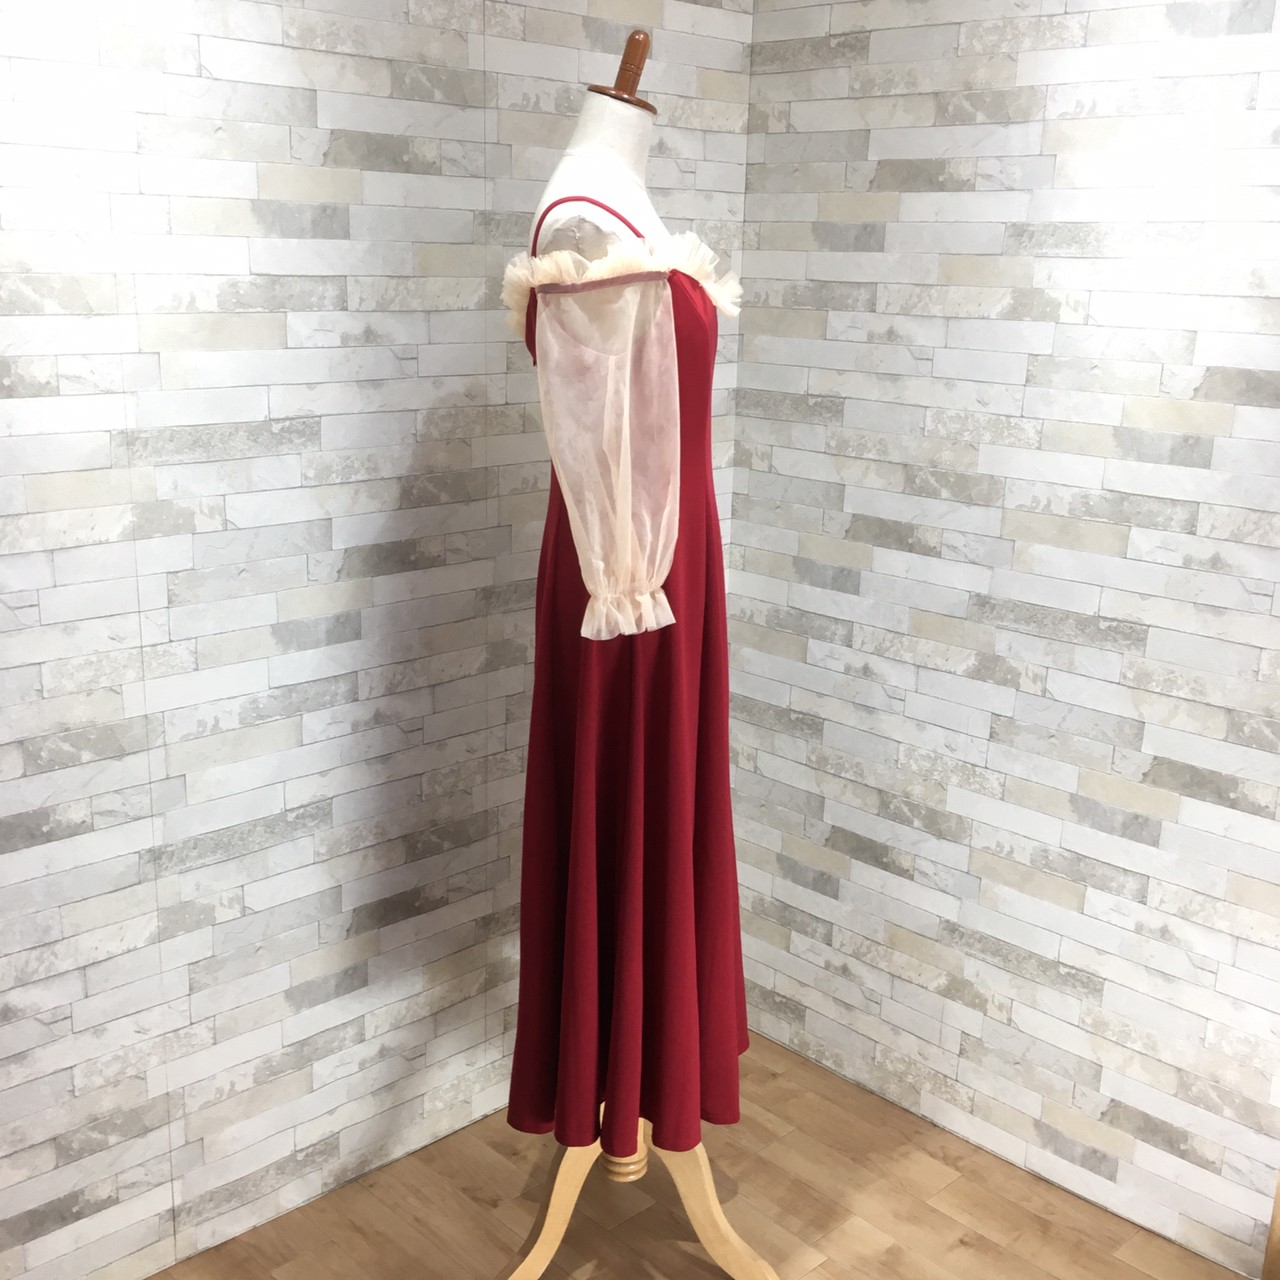 【即納】韓国 ファッション ワンピース パーティードレス ロング マキシ 秋 冬 春 パーティー ブライダル SPTXG820 結婚式 お呼ばれ シースルー フリル キャミワ 二次会 セレブ きれいめの写真9枚目